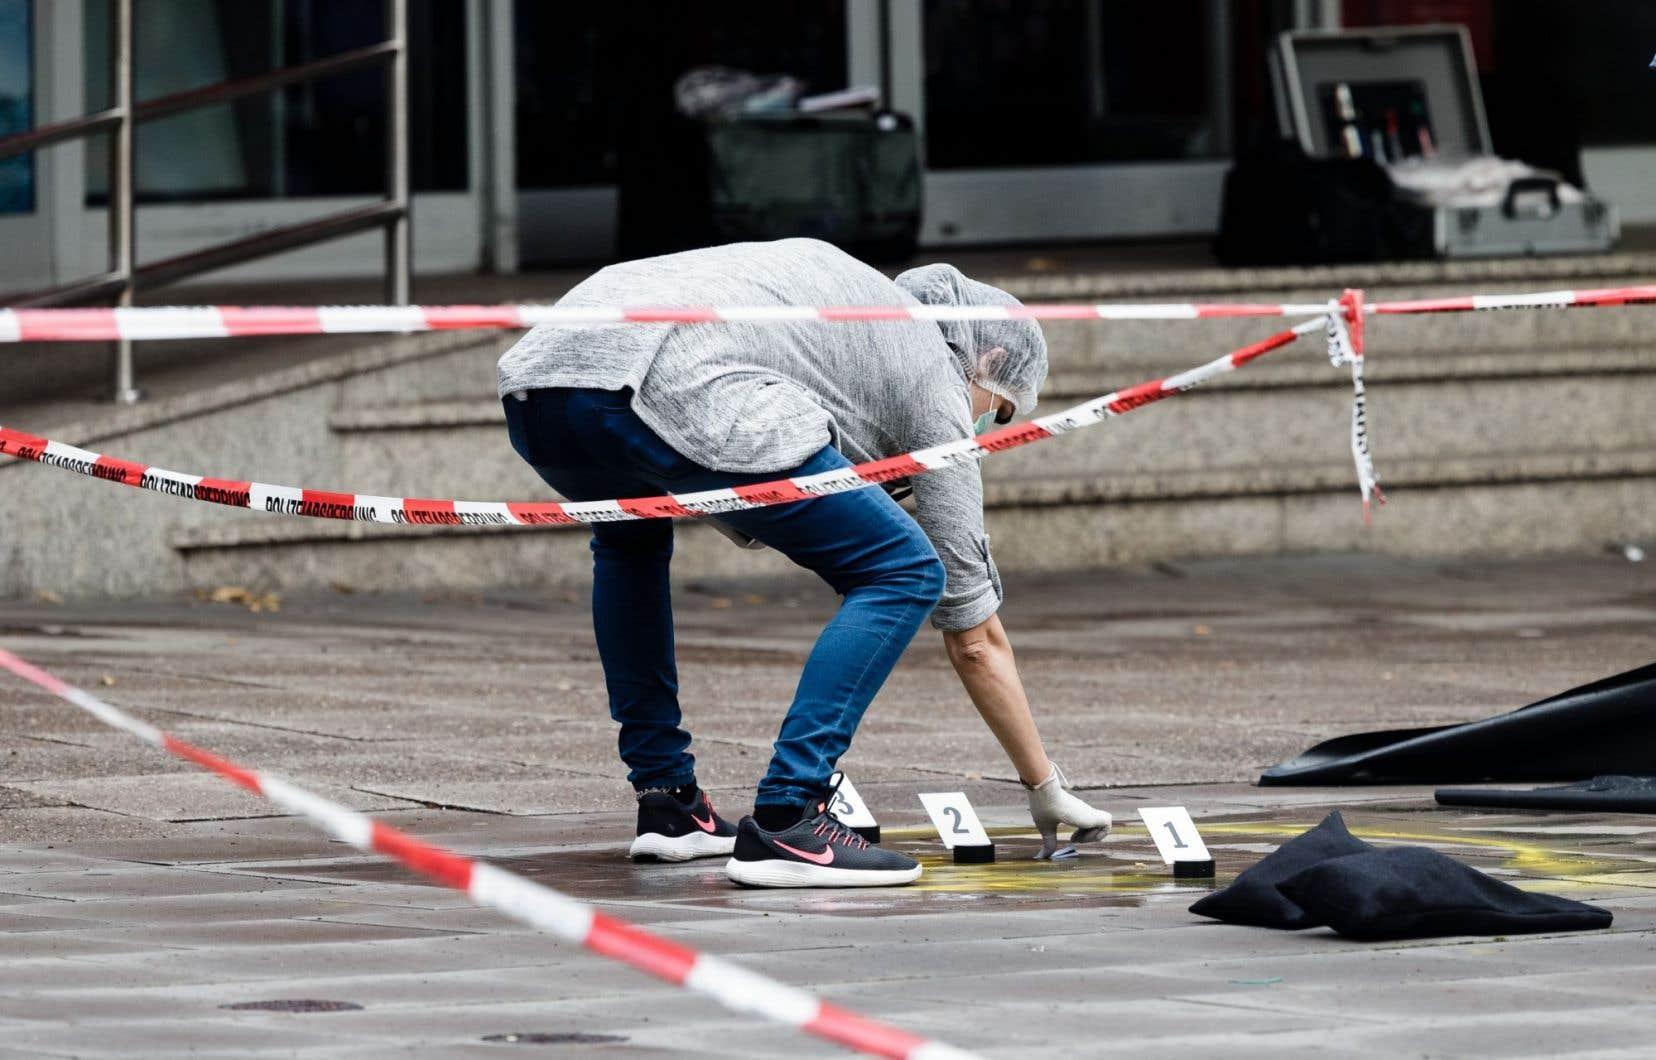 Sur le plan politique, les interrogations autour de l'accueil des migrants ressurgissent dans le pays après cet attentat au couteau.